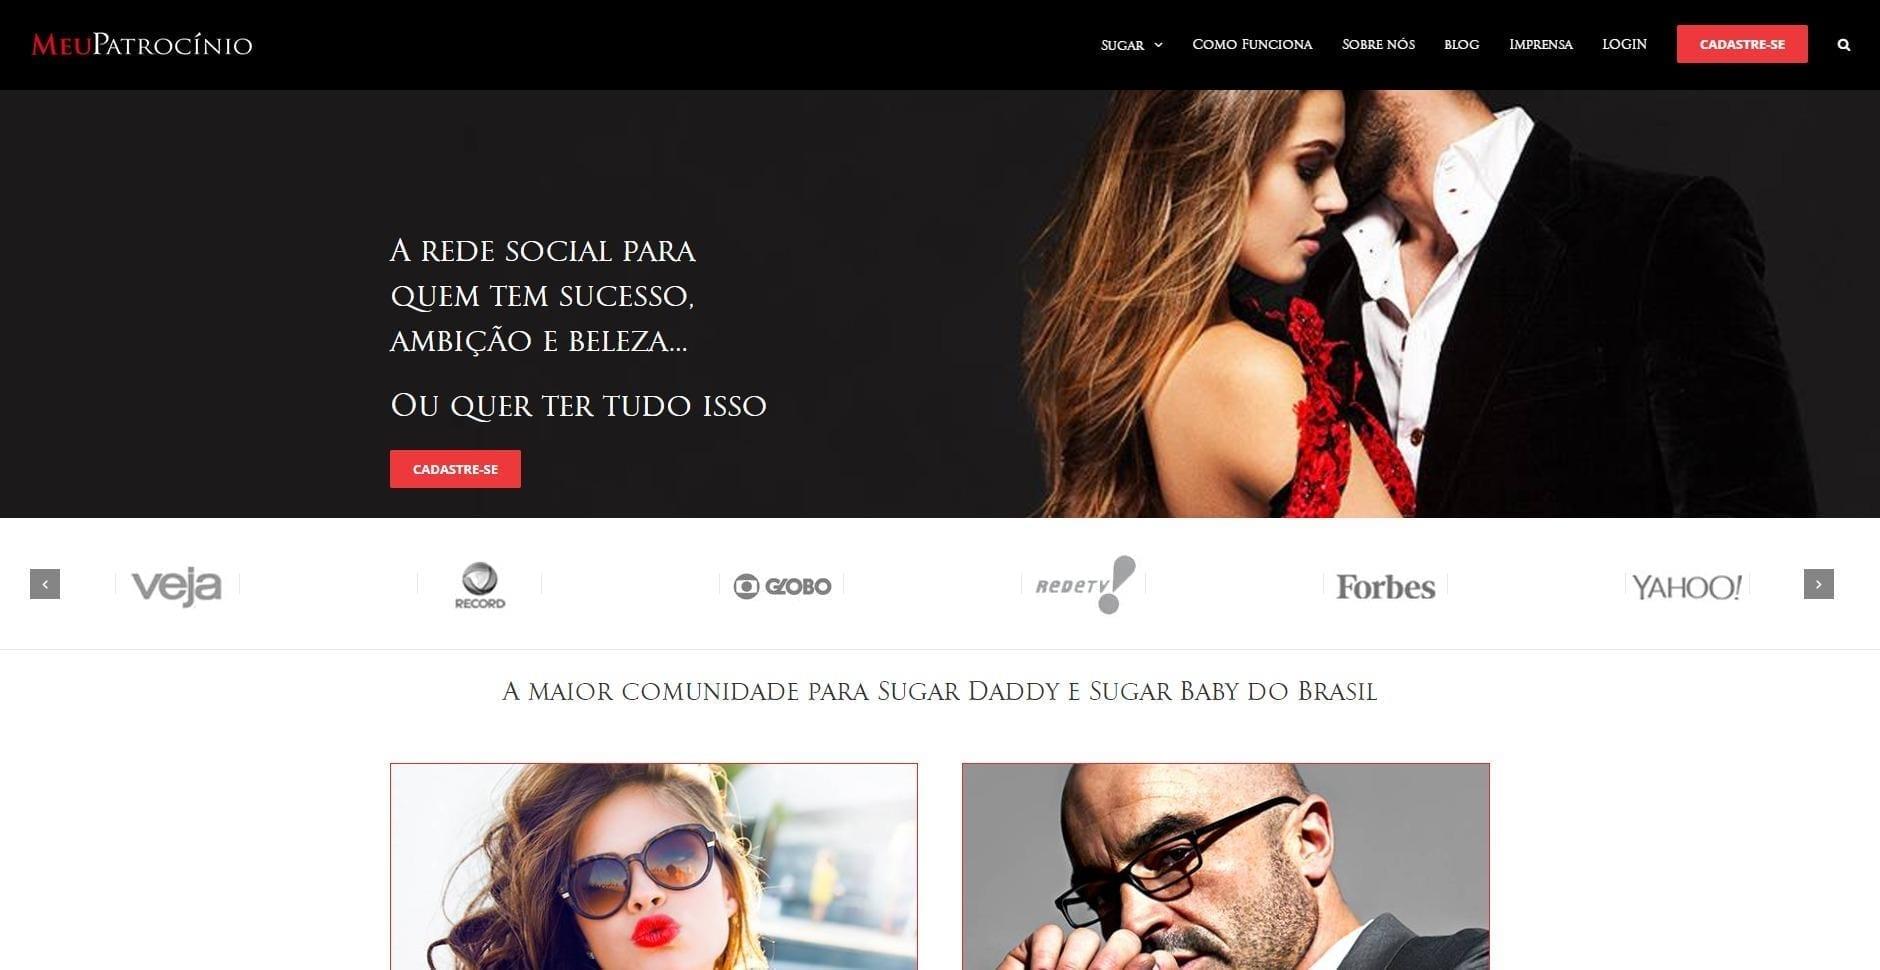 Site de Relacionamento Sugar revela mais de 235 mil usuários em São Paulo